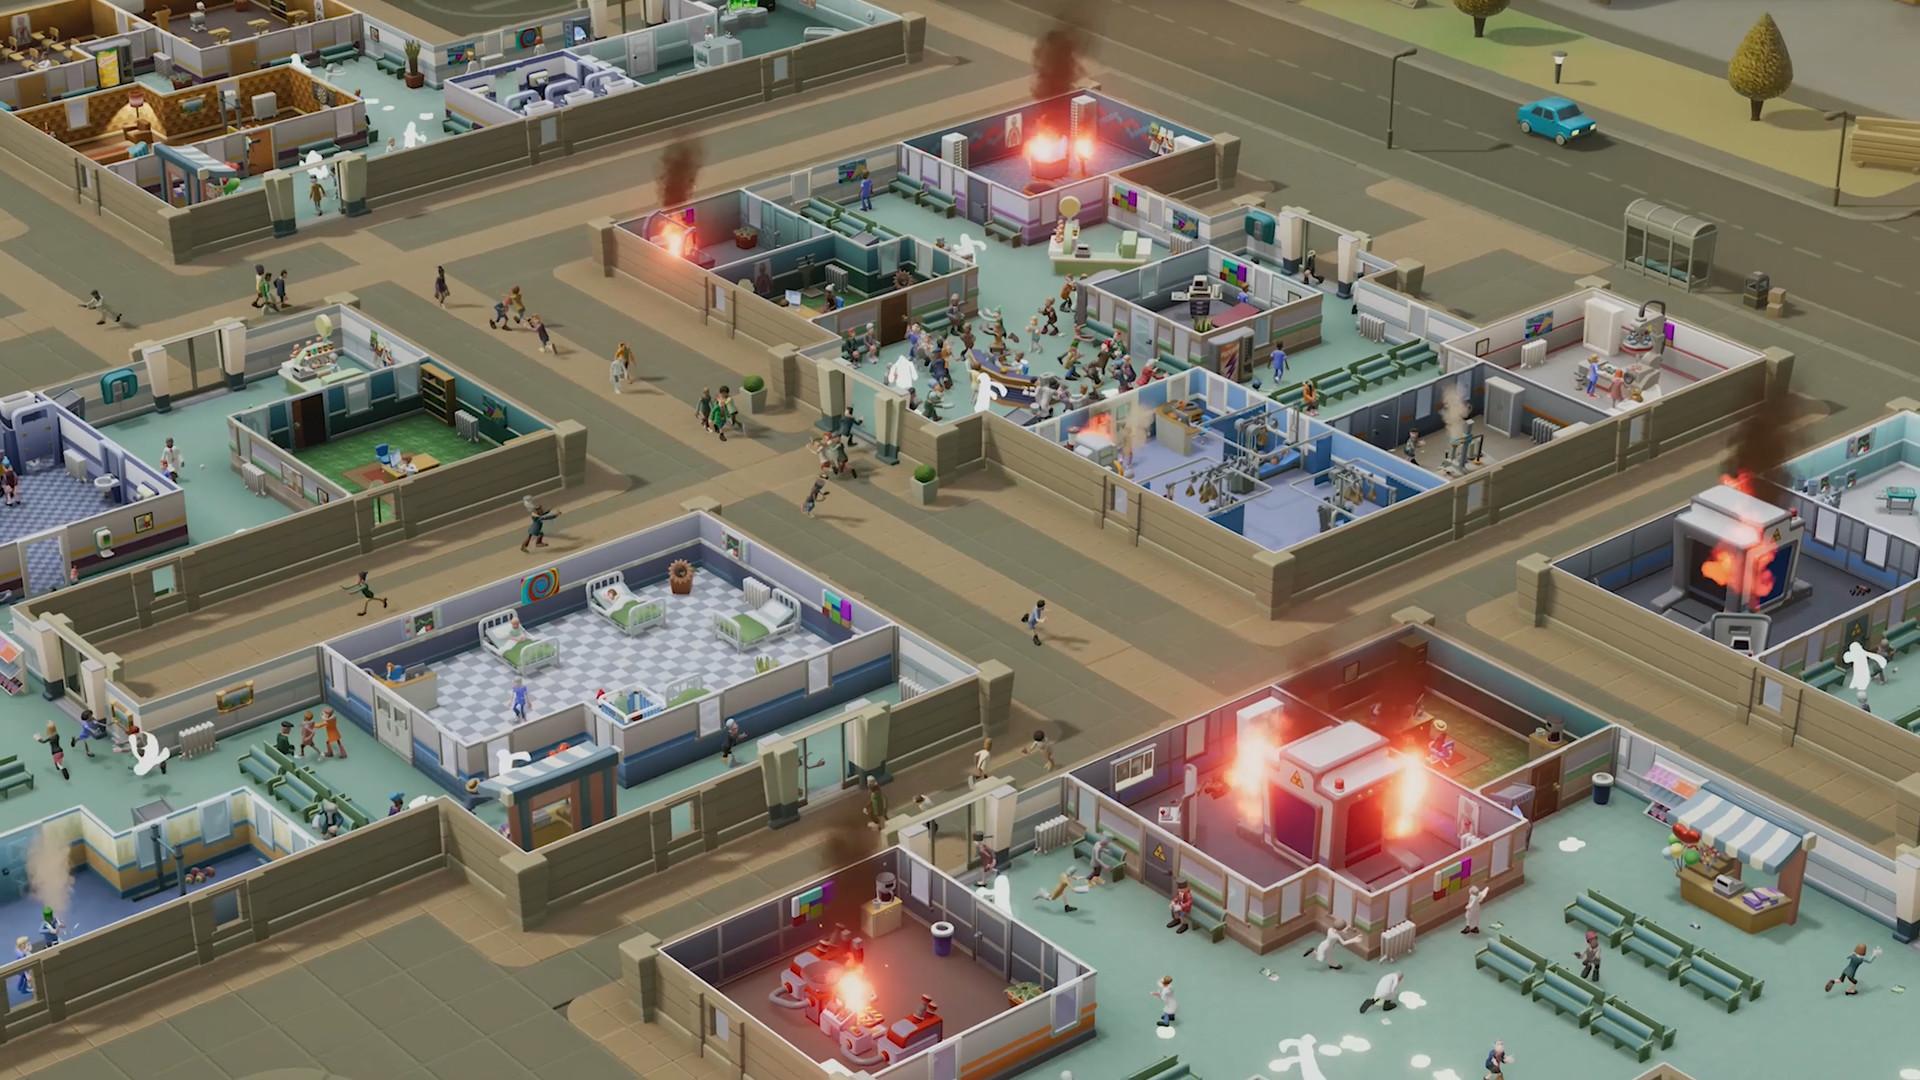 双点医院v1.21.55860 模拟经营医院 更新版本